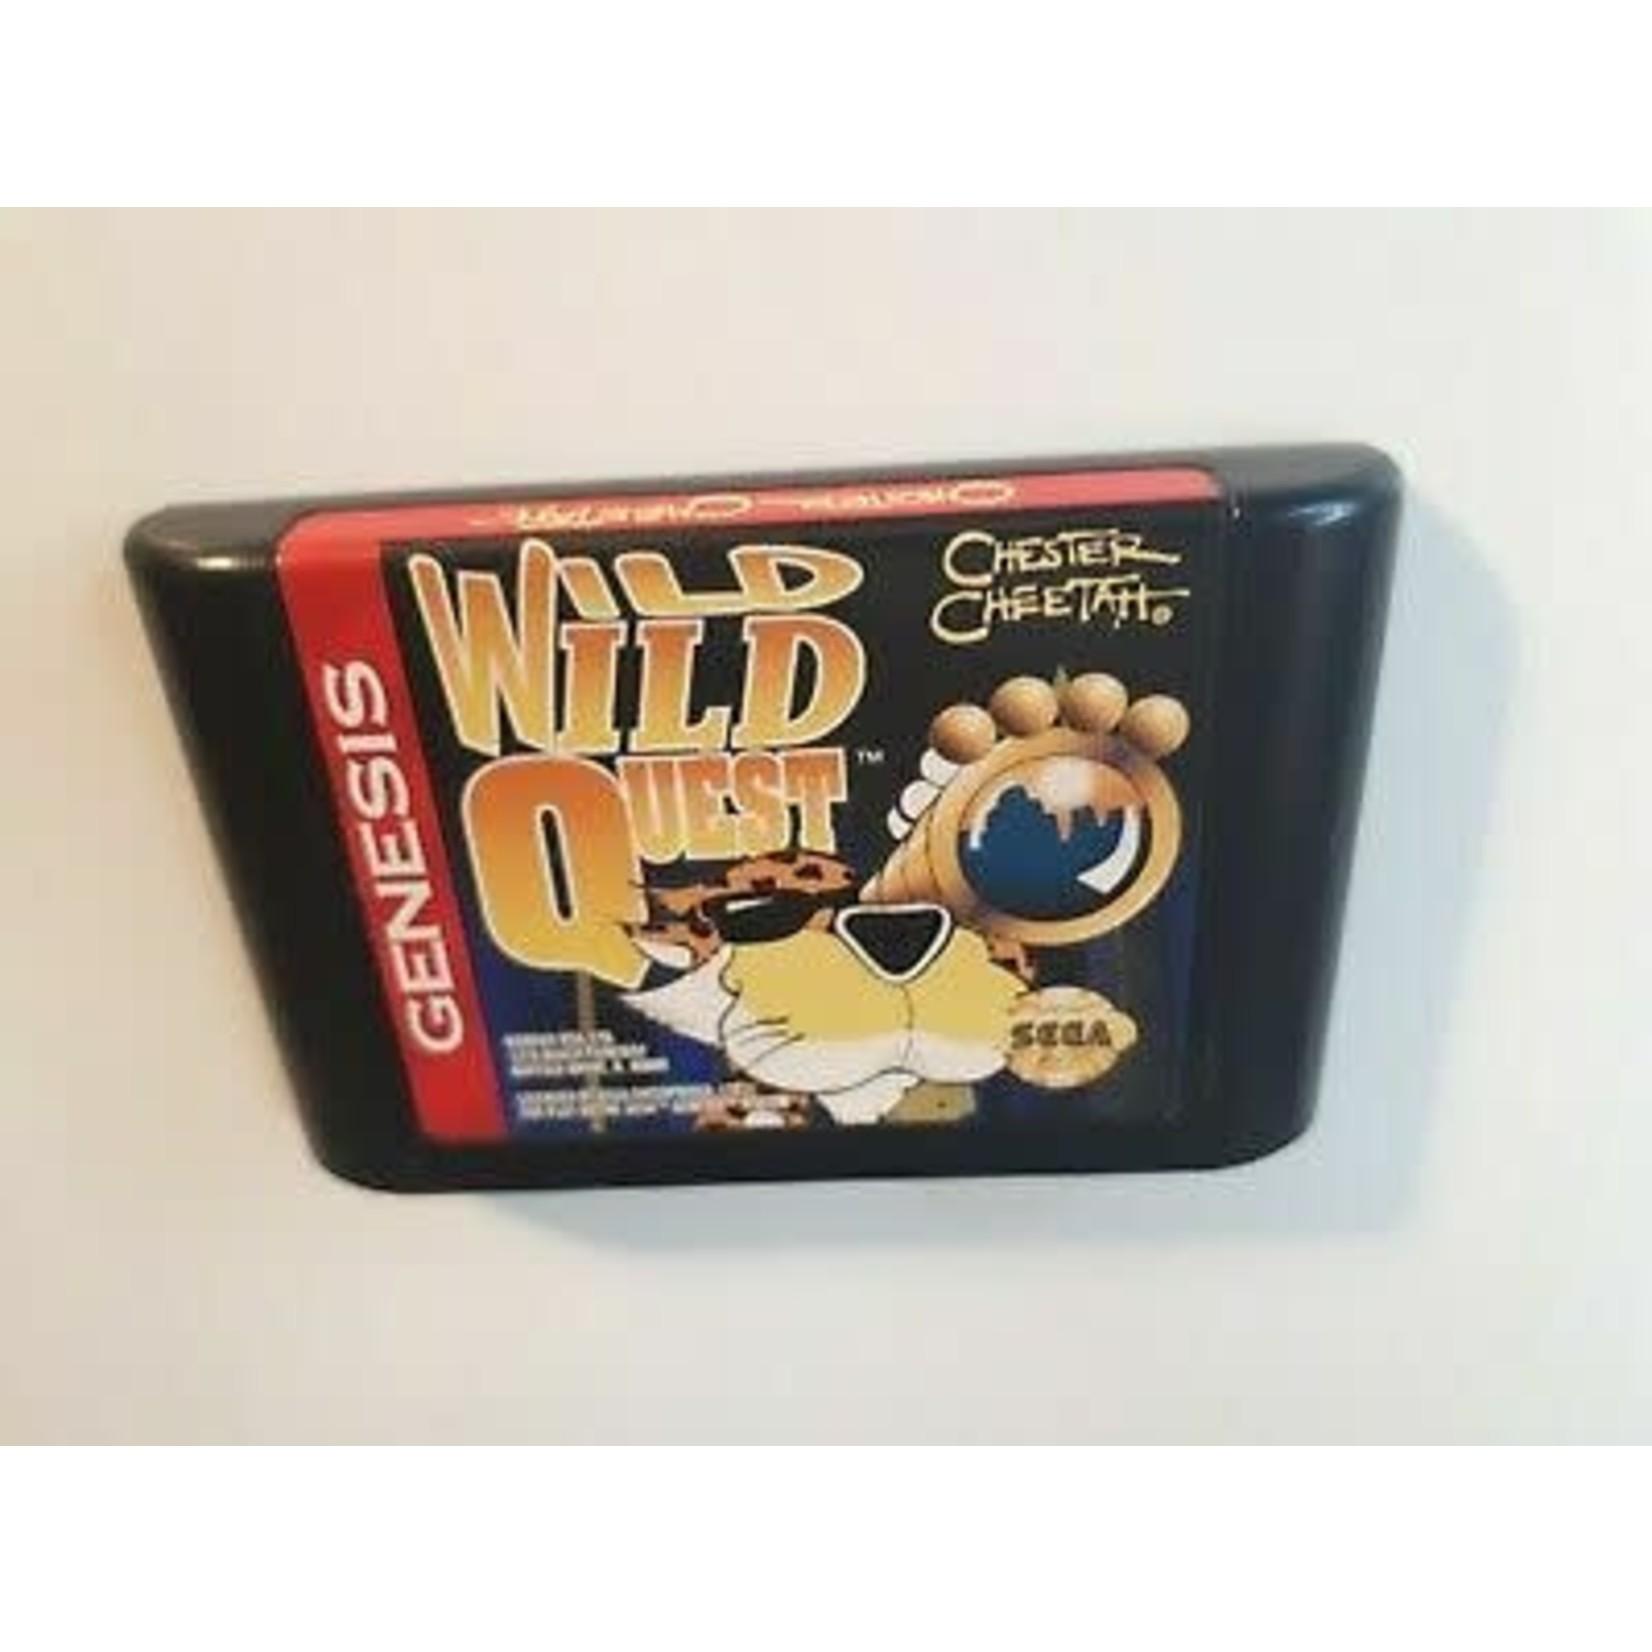 sgu-Chester Cheetah Wild Wild West (cartridge)